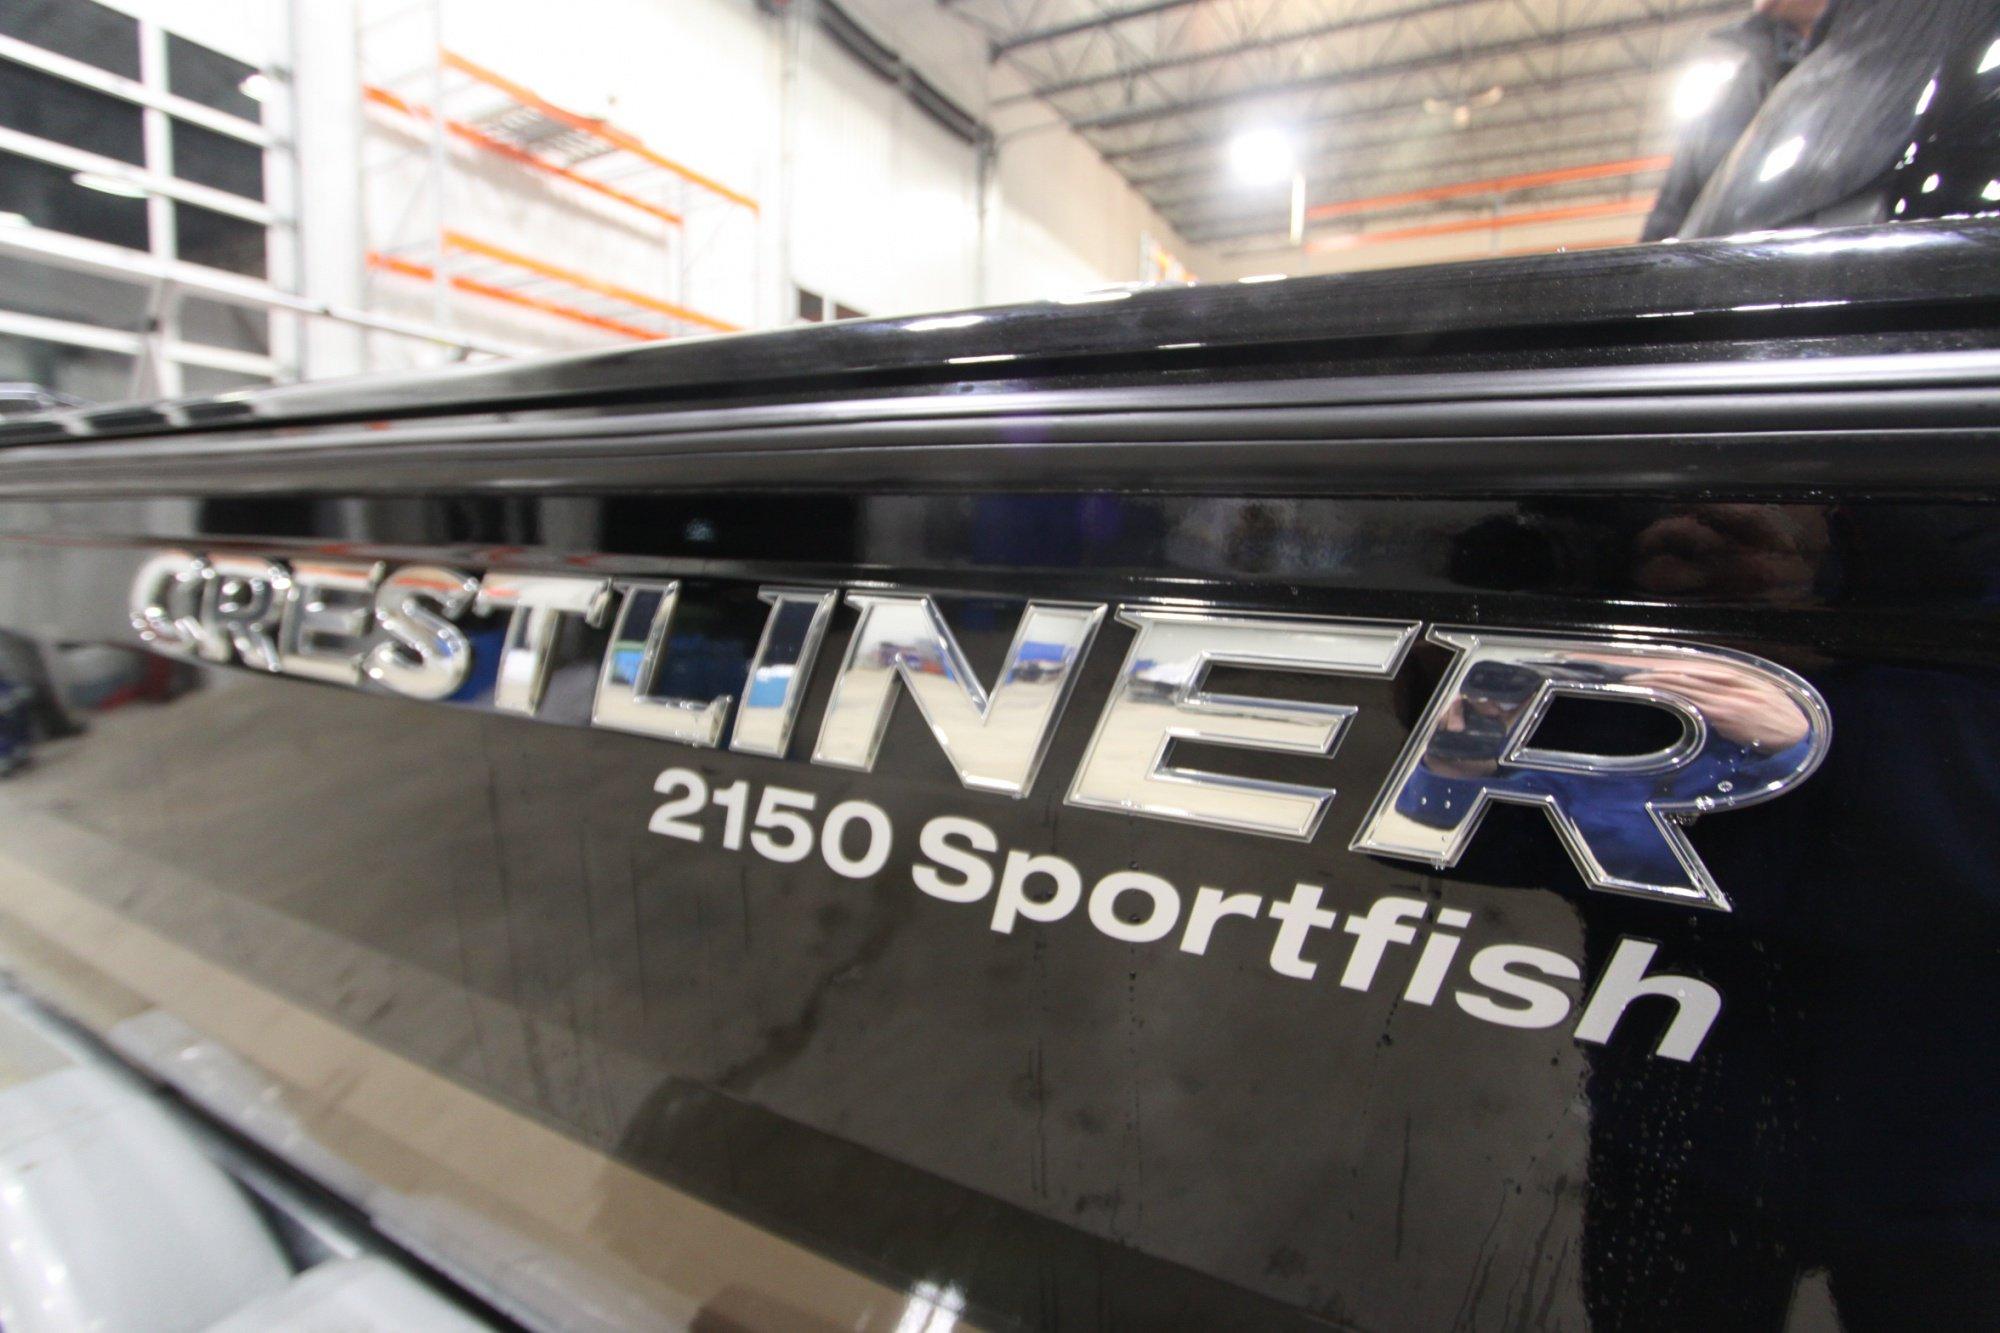 Crestliner Sportfish 2150 SST - IMG_3583